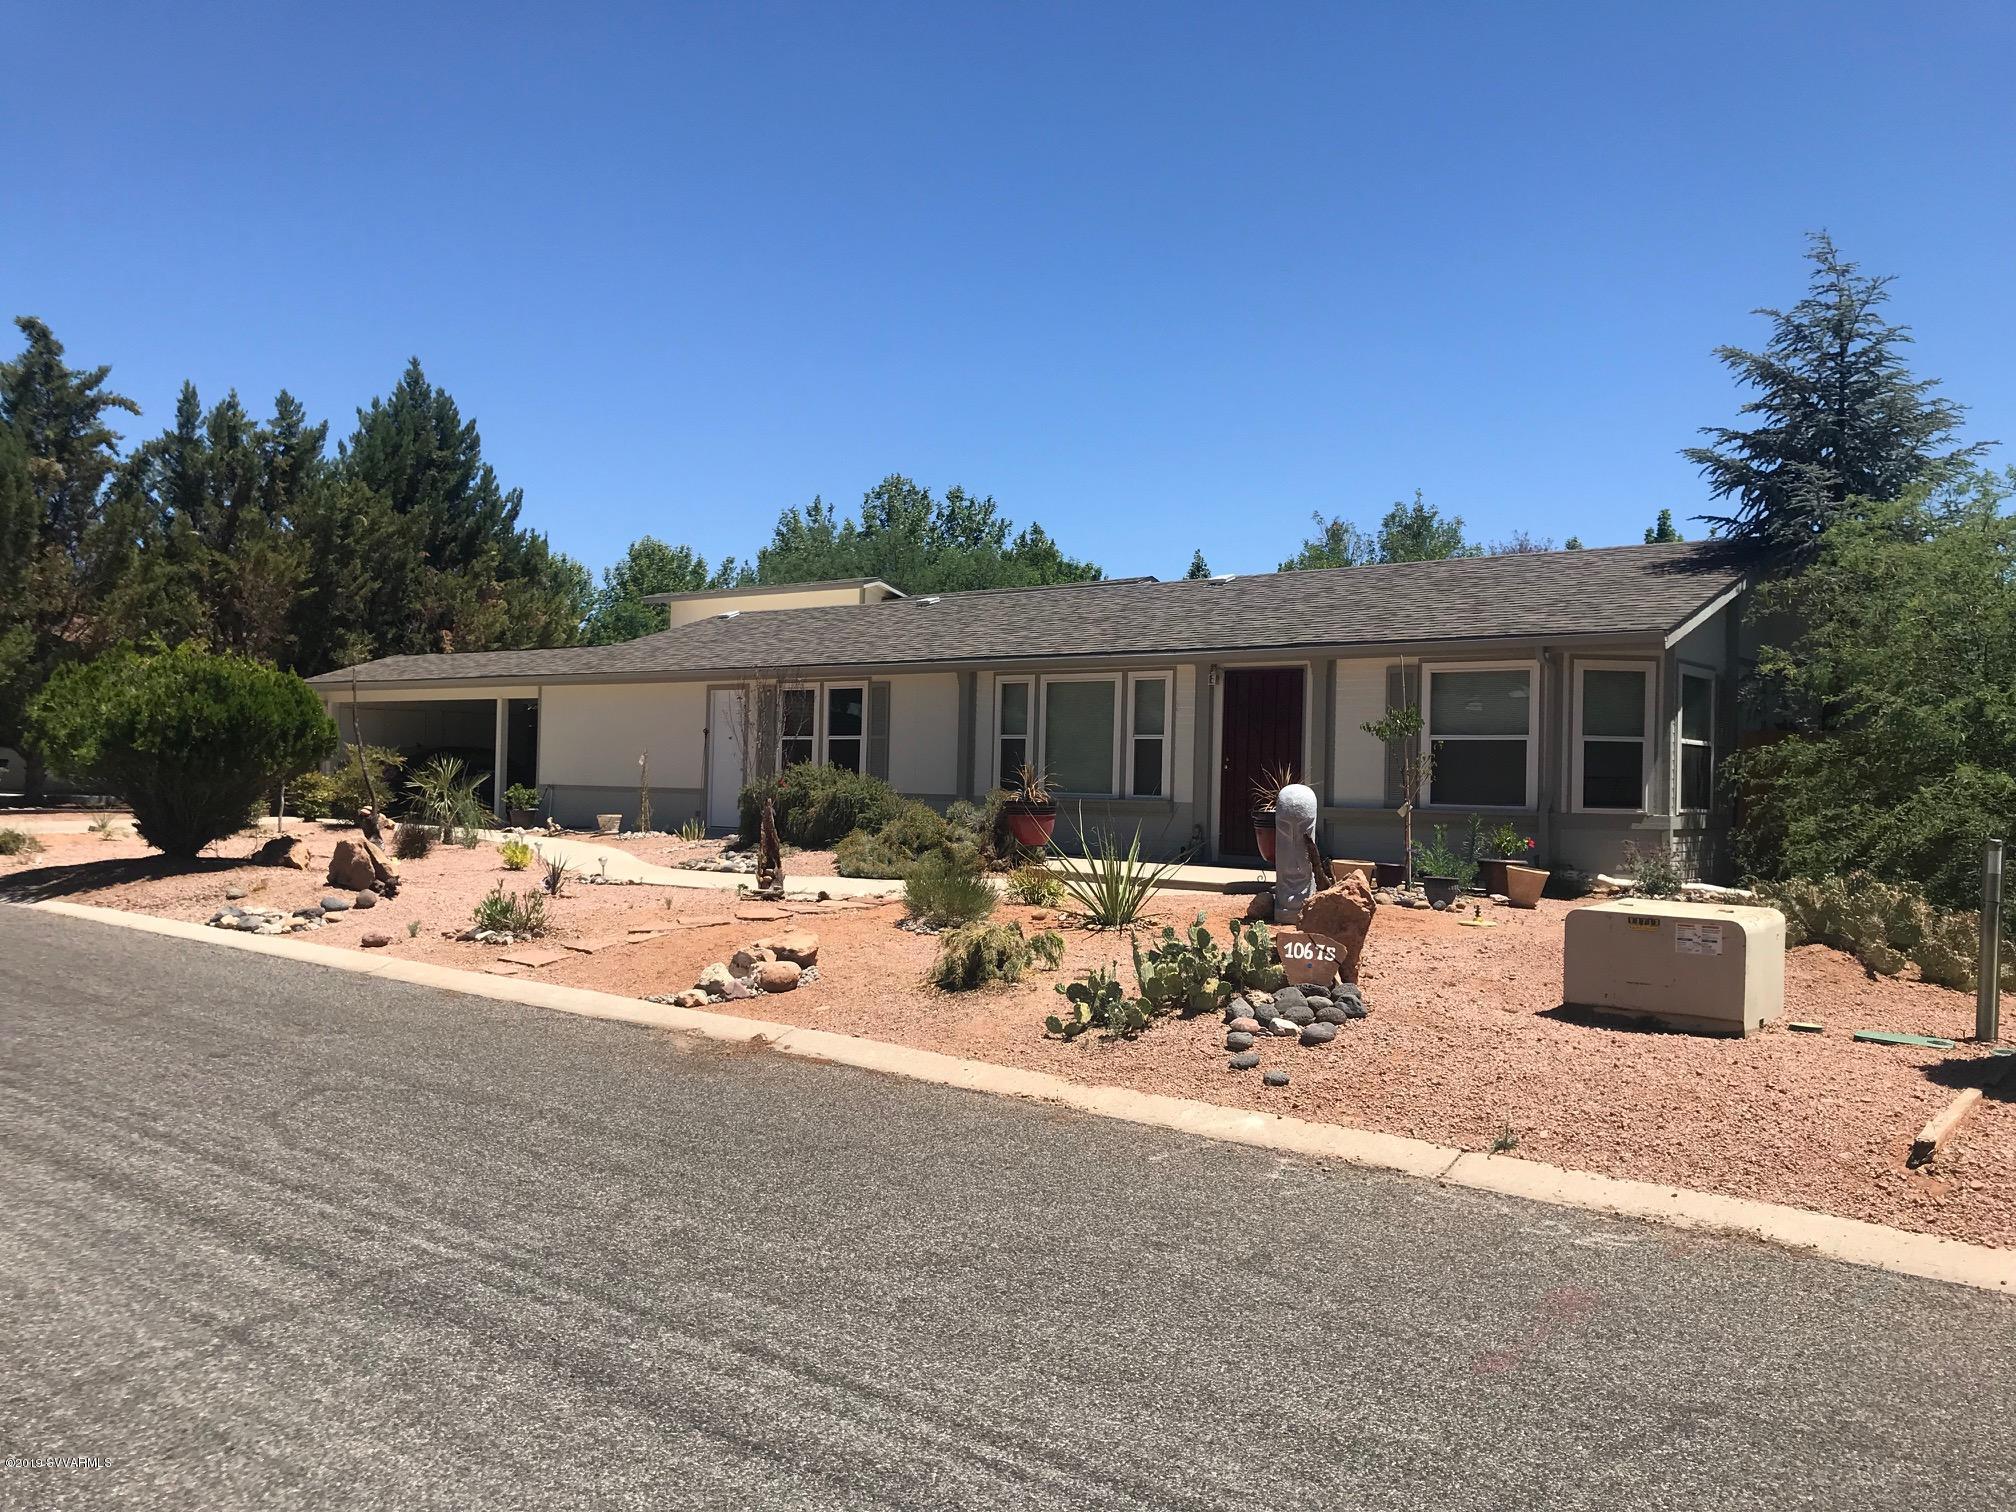 10675 E Oak Creek Tr Cornville, AZ 86325